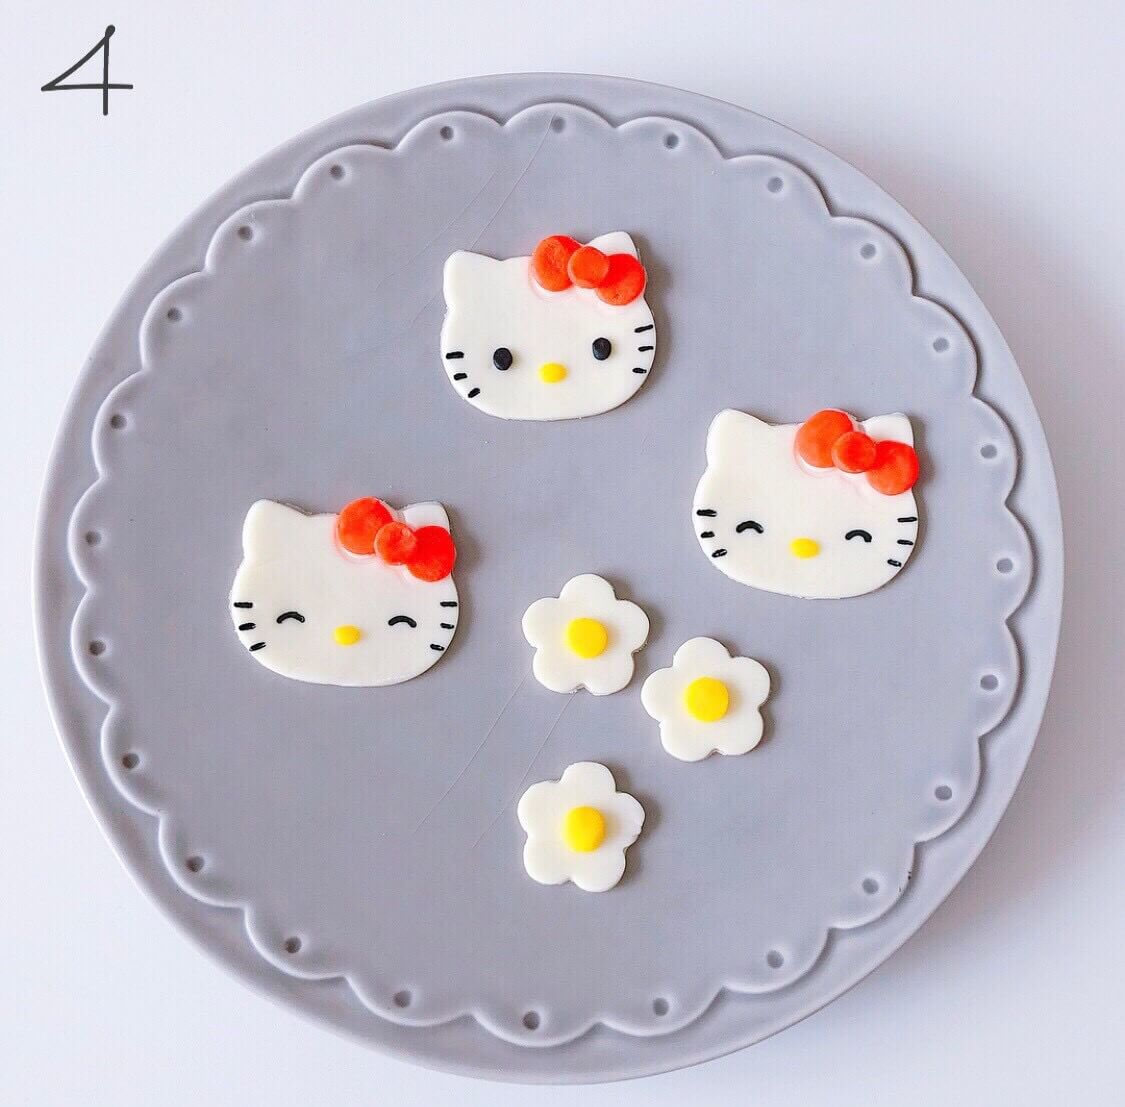 """簡単にできる""""キャラスイーツ""""レシピを紹介!""""キティーちゃんのミルフィーユ""""4"""